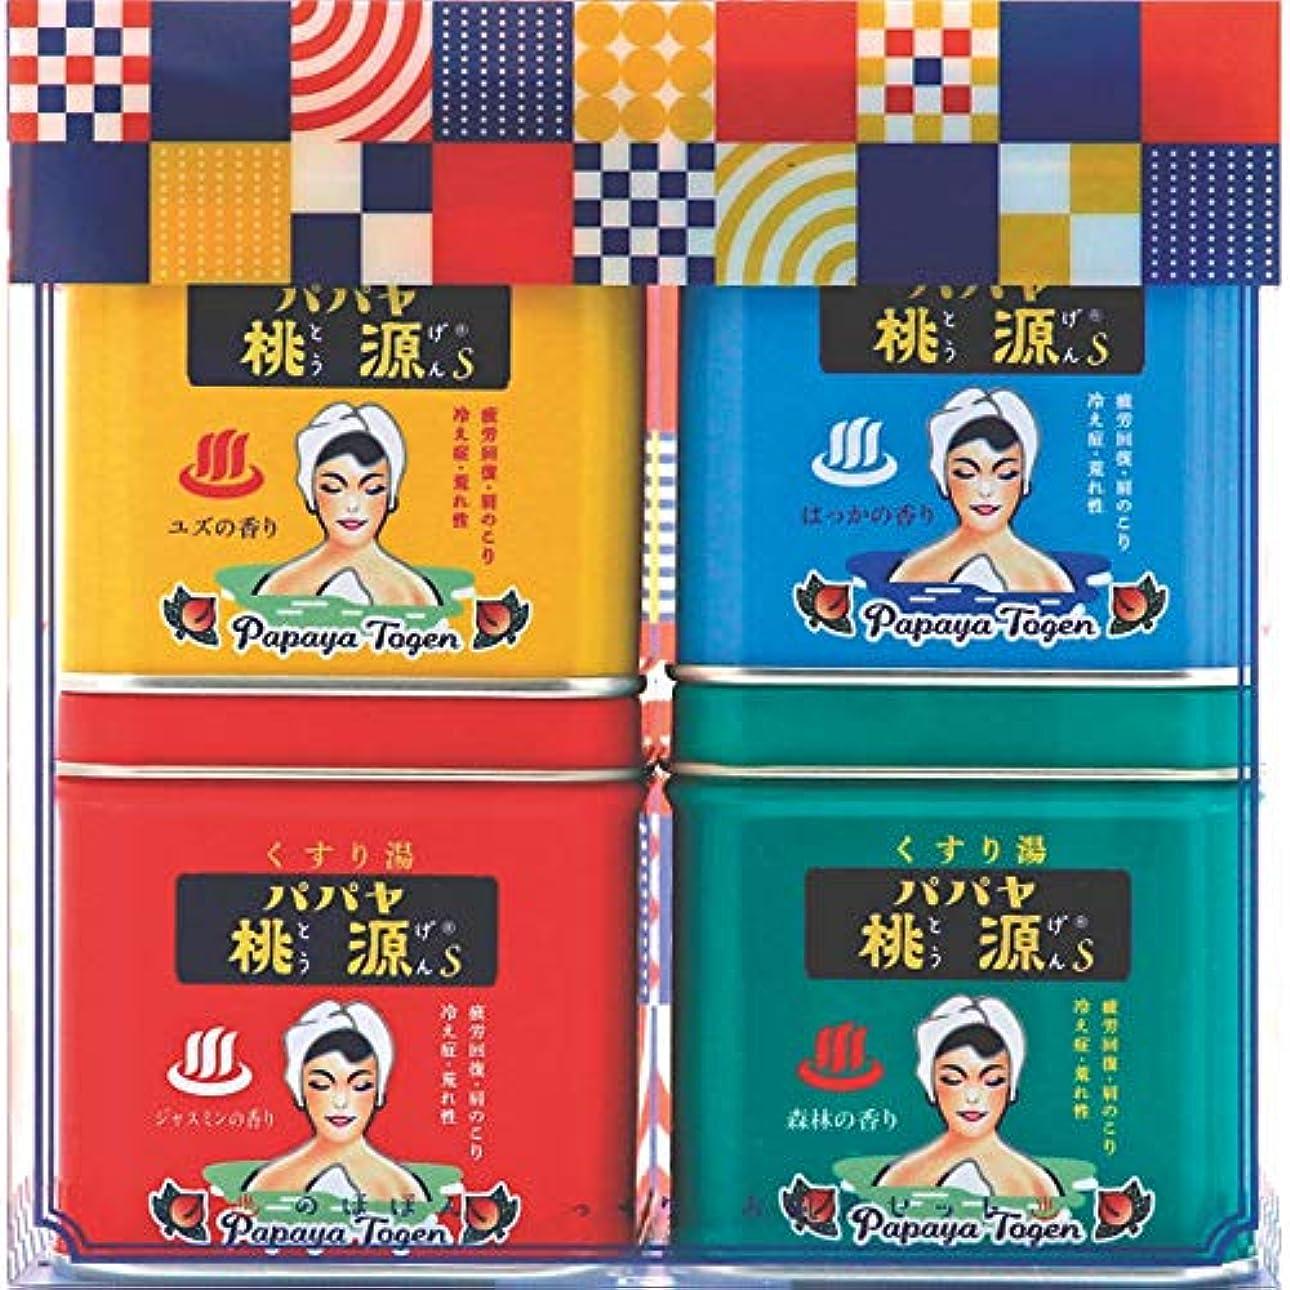 歴史的束ねるペグパパヤ桃源 のほほん湯っくりお風呂セットC (五洲薬品) 入浴剤 ユズ(70g)+ジャスミン(70g)+はっか(70g)+森林(70g)